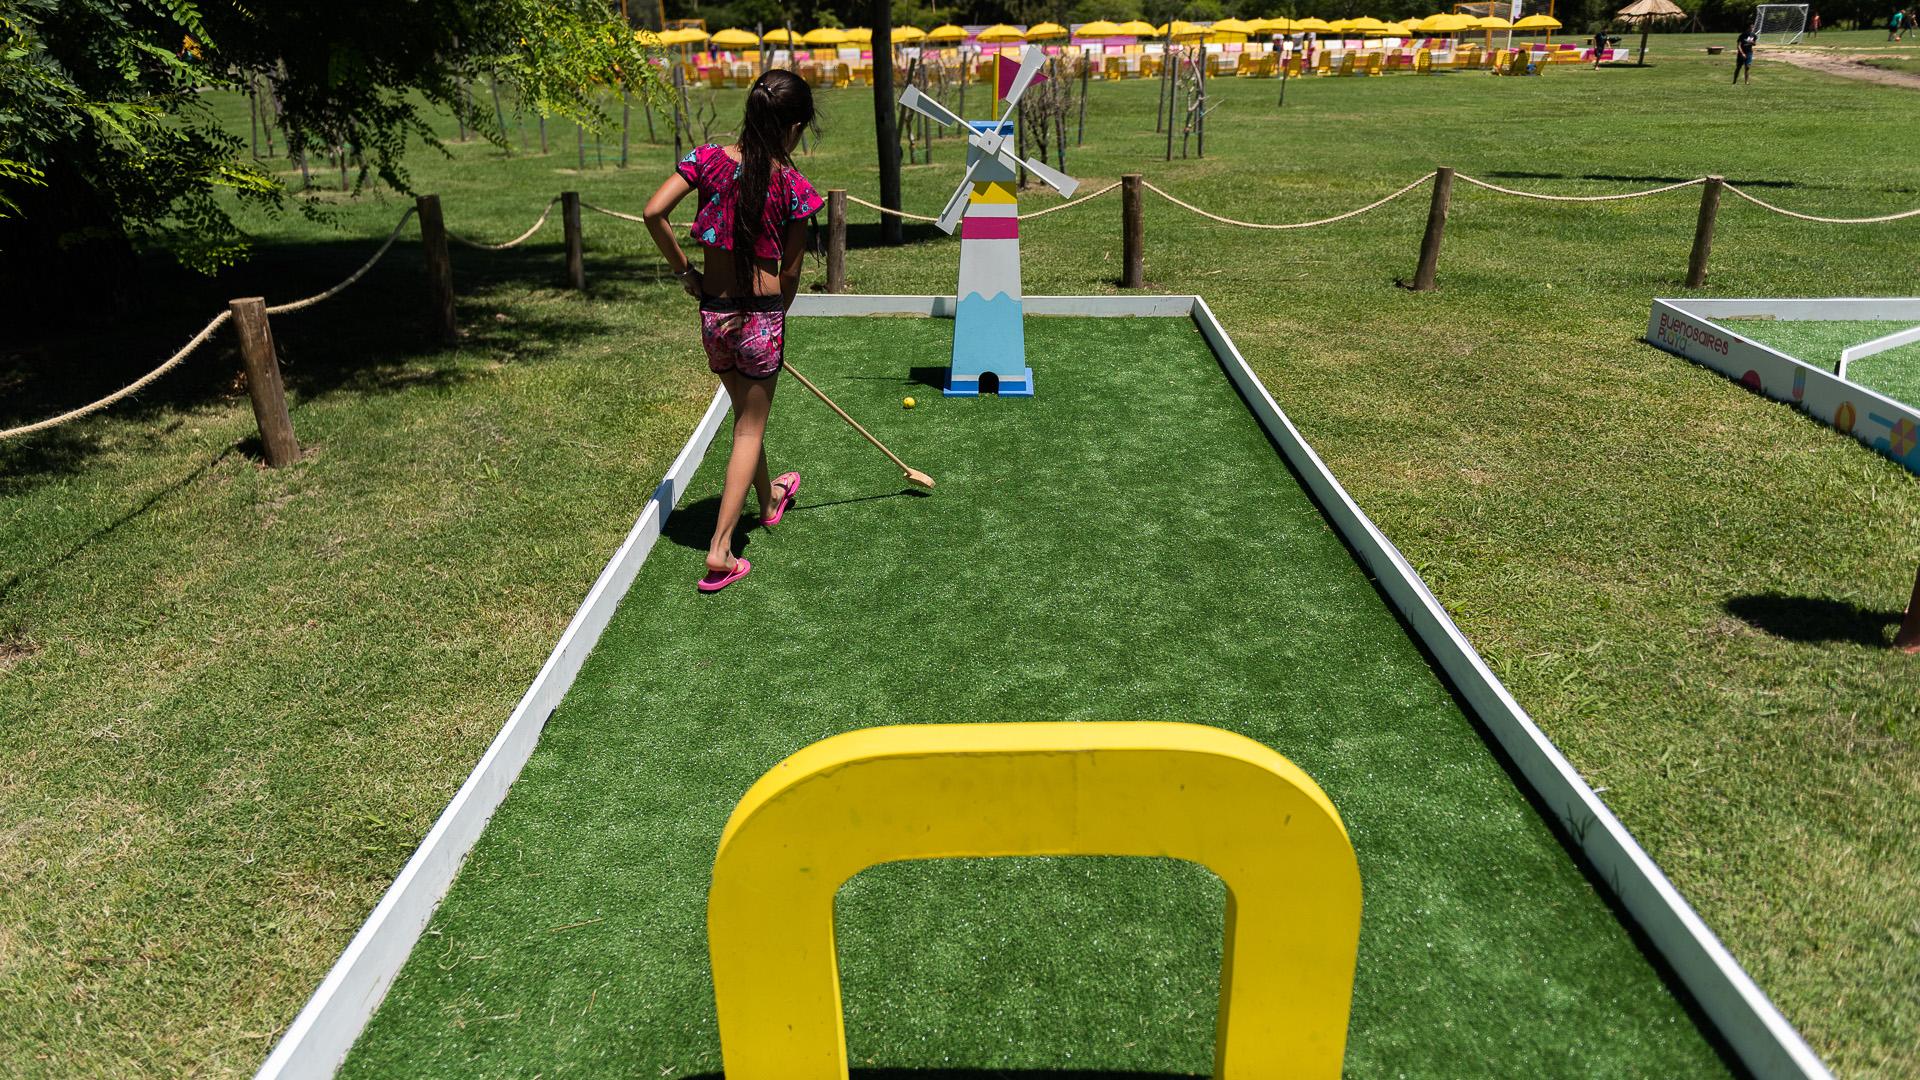 El parque tiene una cancha de mini golf con pasto sintético